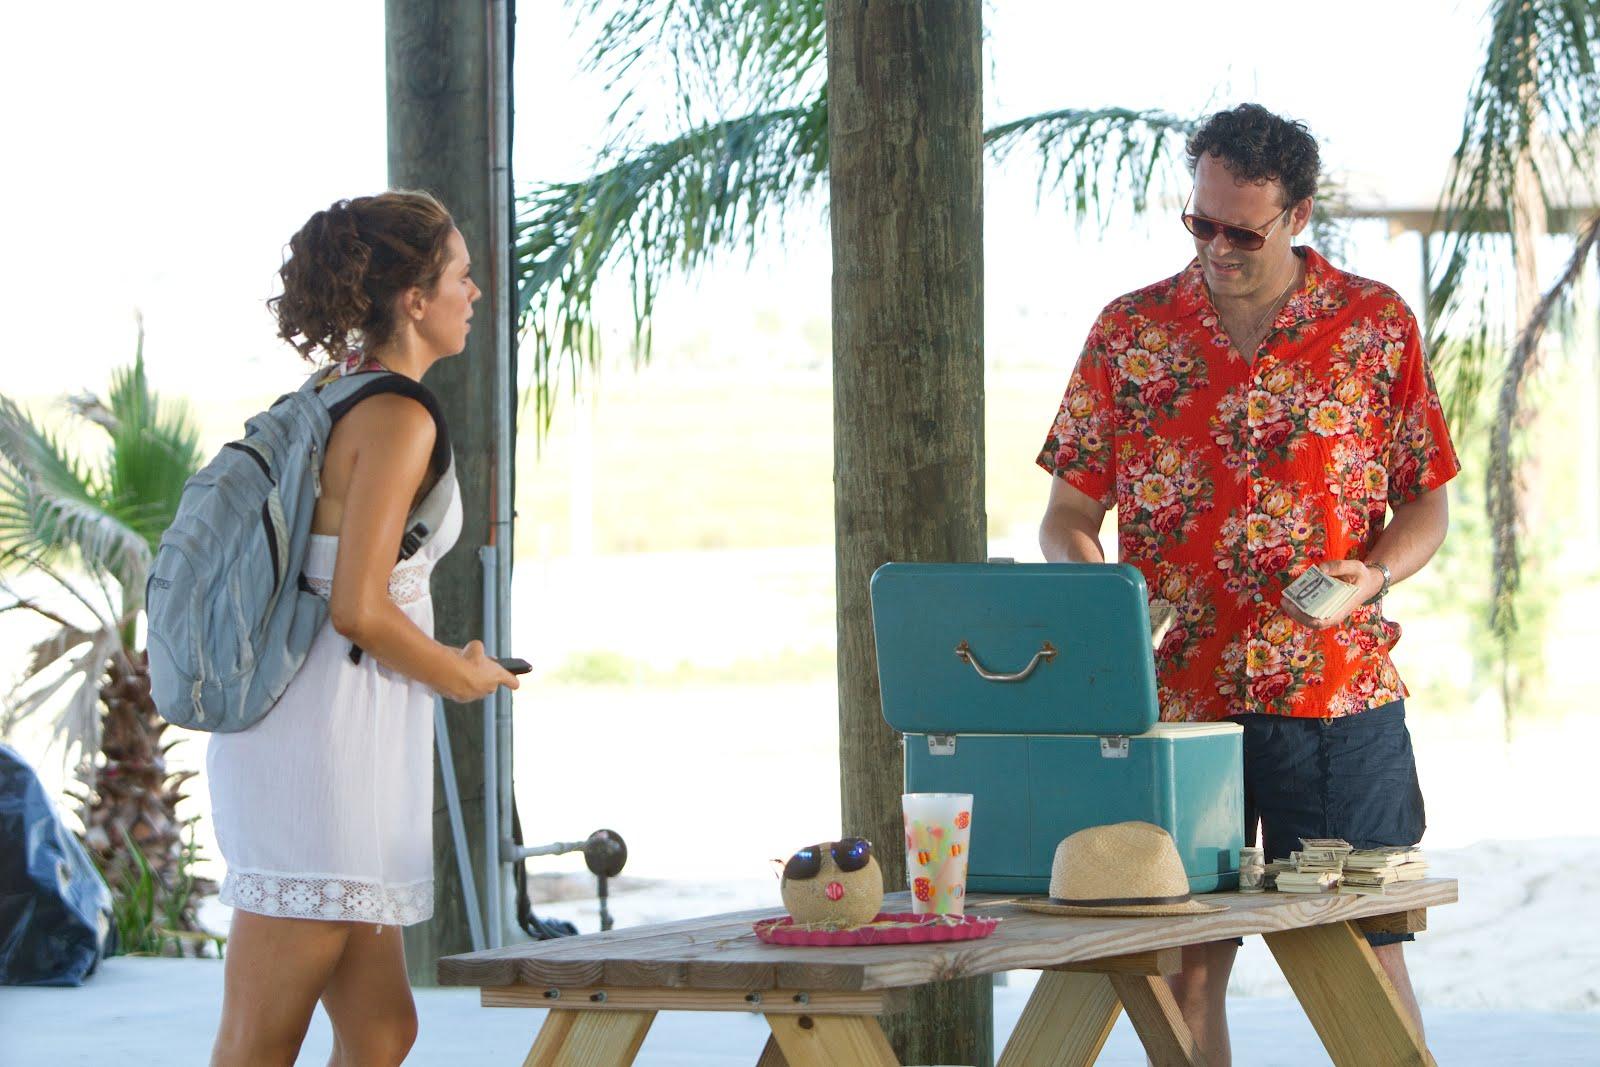 http://1.bp.blogspot.com/-GMcYZPGxRFY/Txdek0PcAKI/AAAAAAAAAA4/_2vNlsOObes/s1600/lay-the-favorite-movie-rebecca-hall-vince-vaughn.jpg